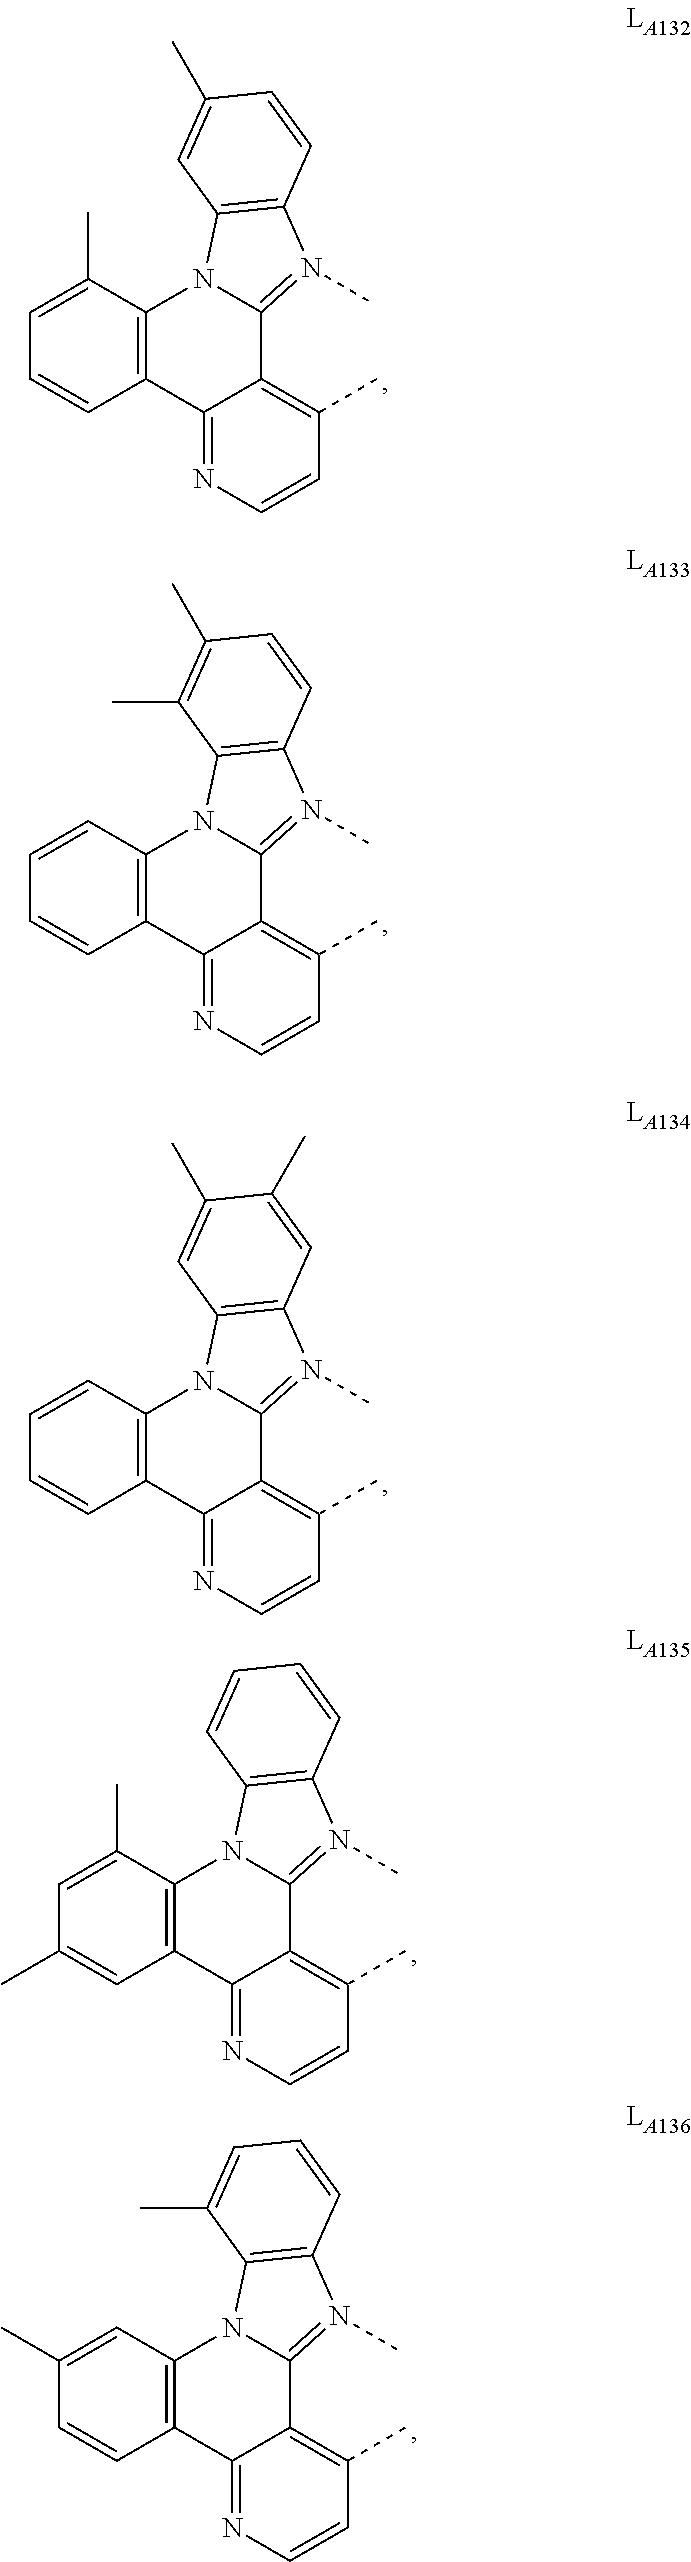 Figure US09905785-20180227-C00453